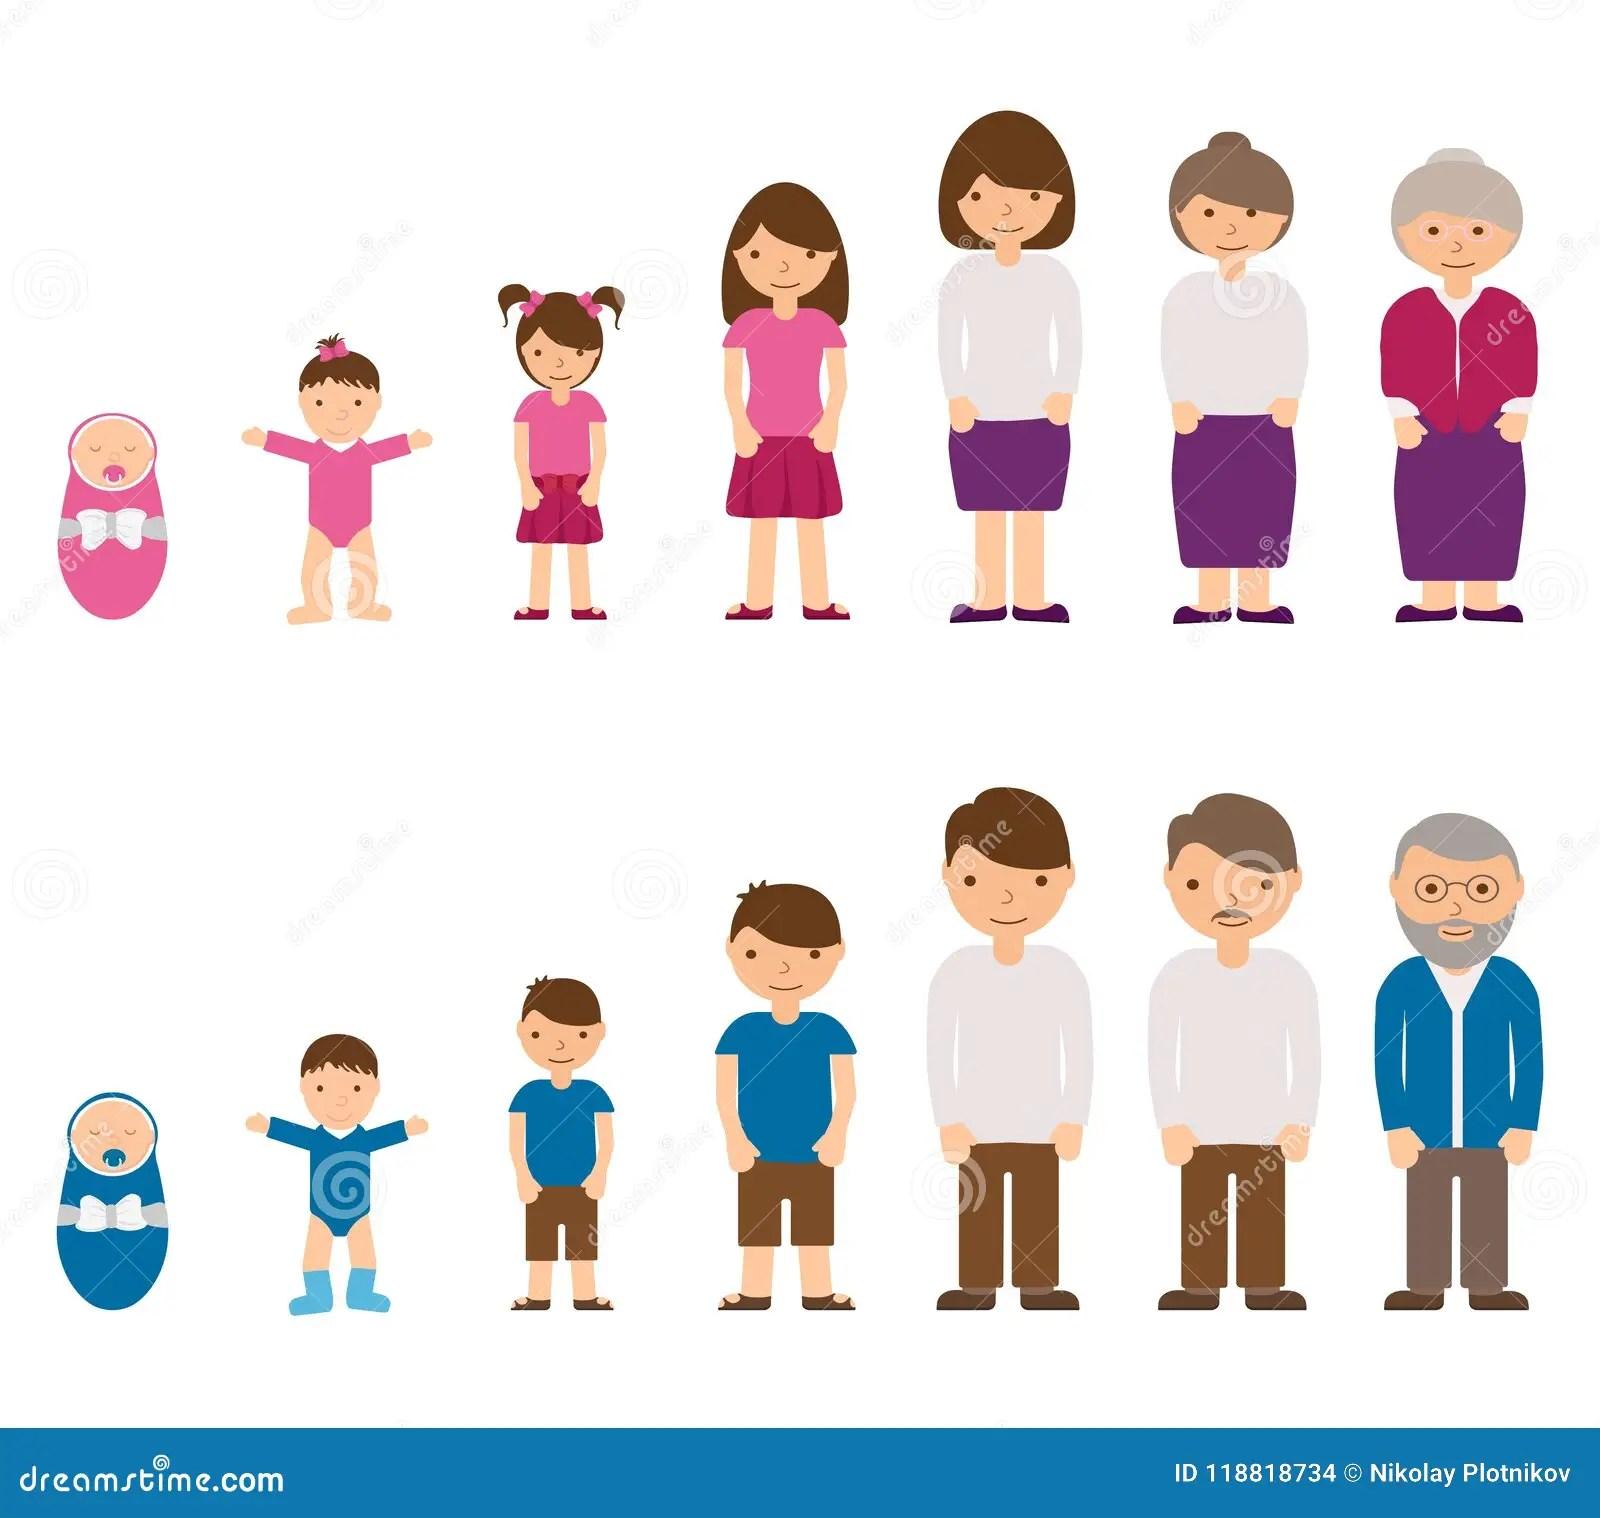 Worksheet Transition Adult Life